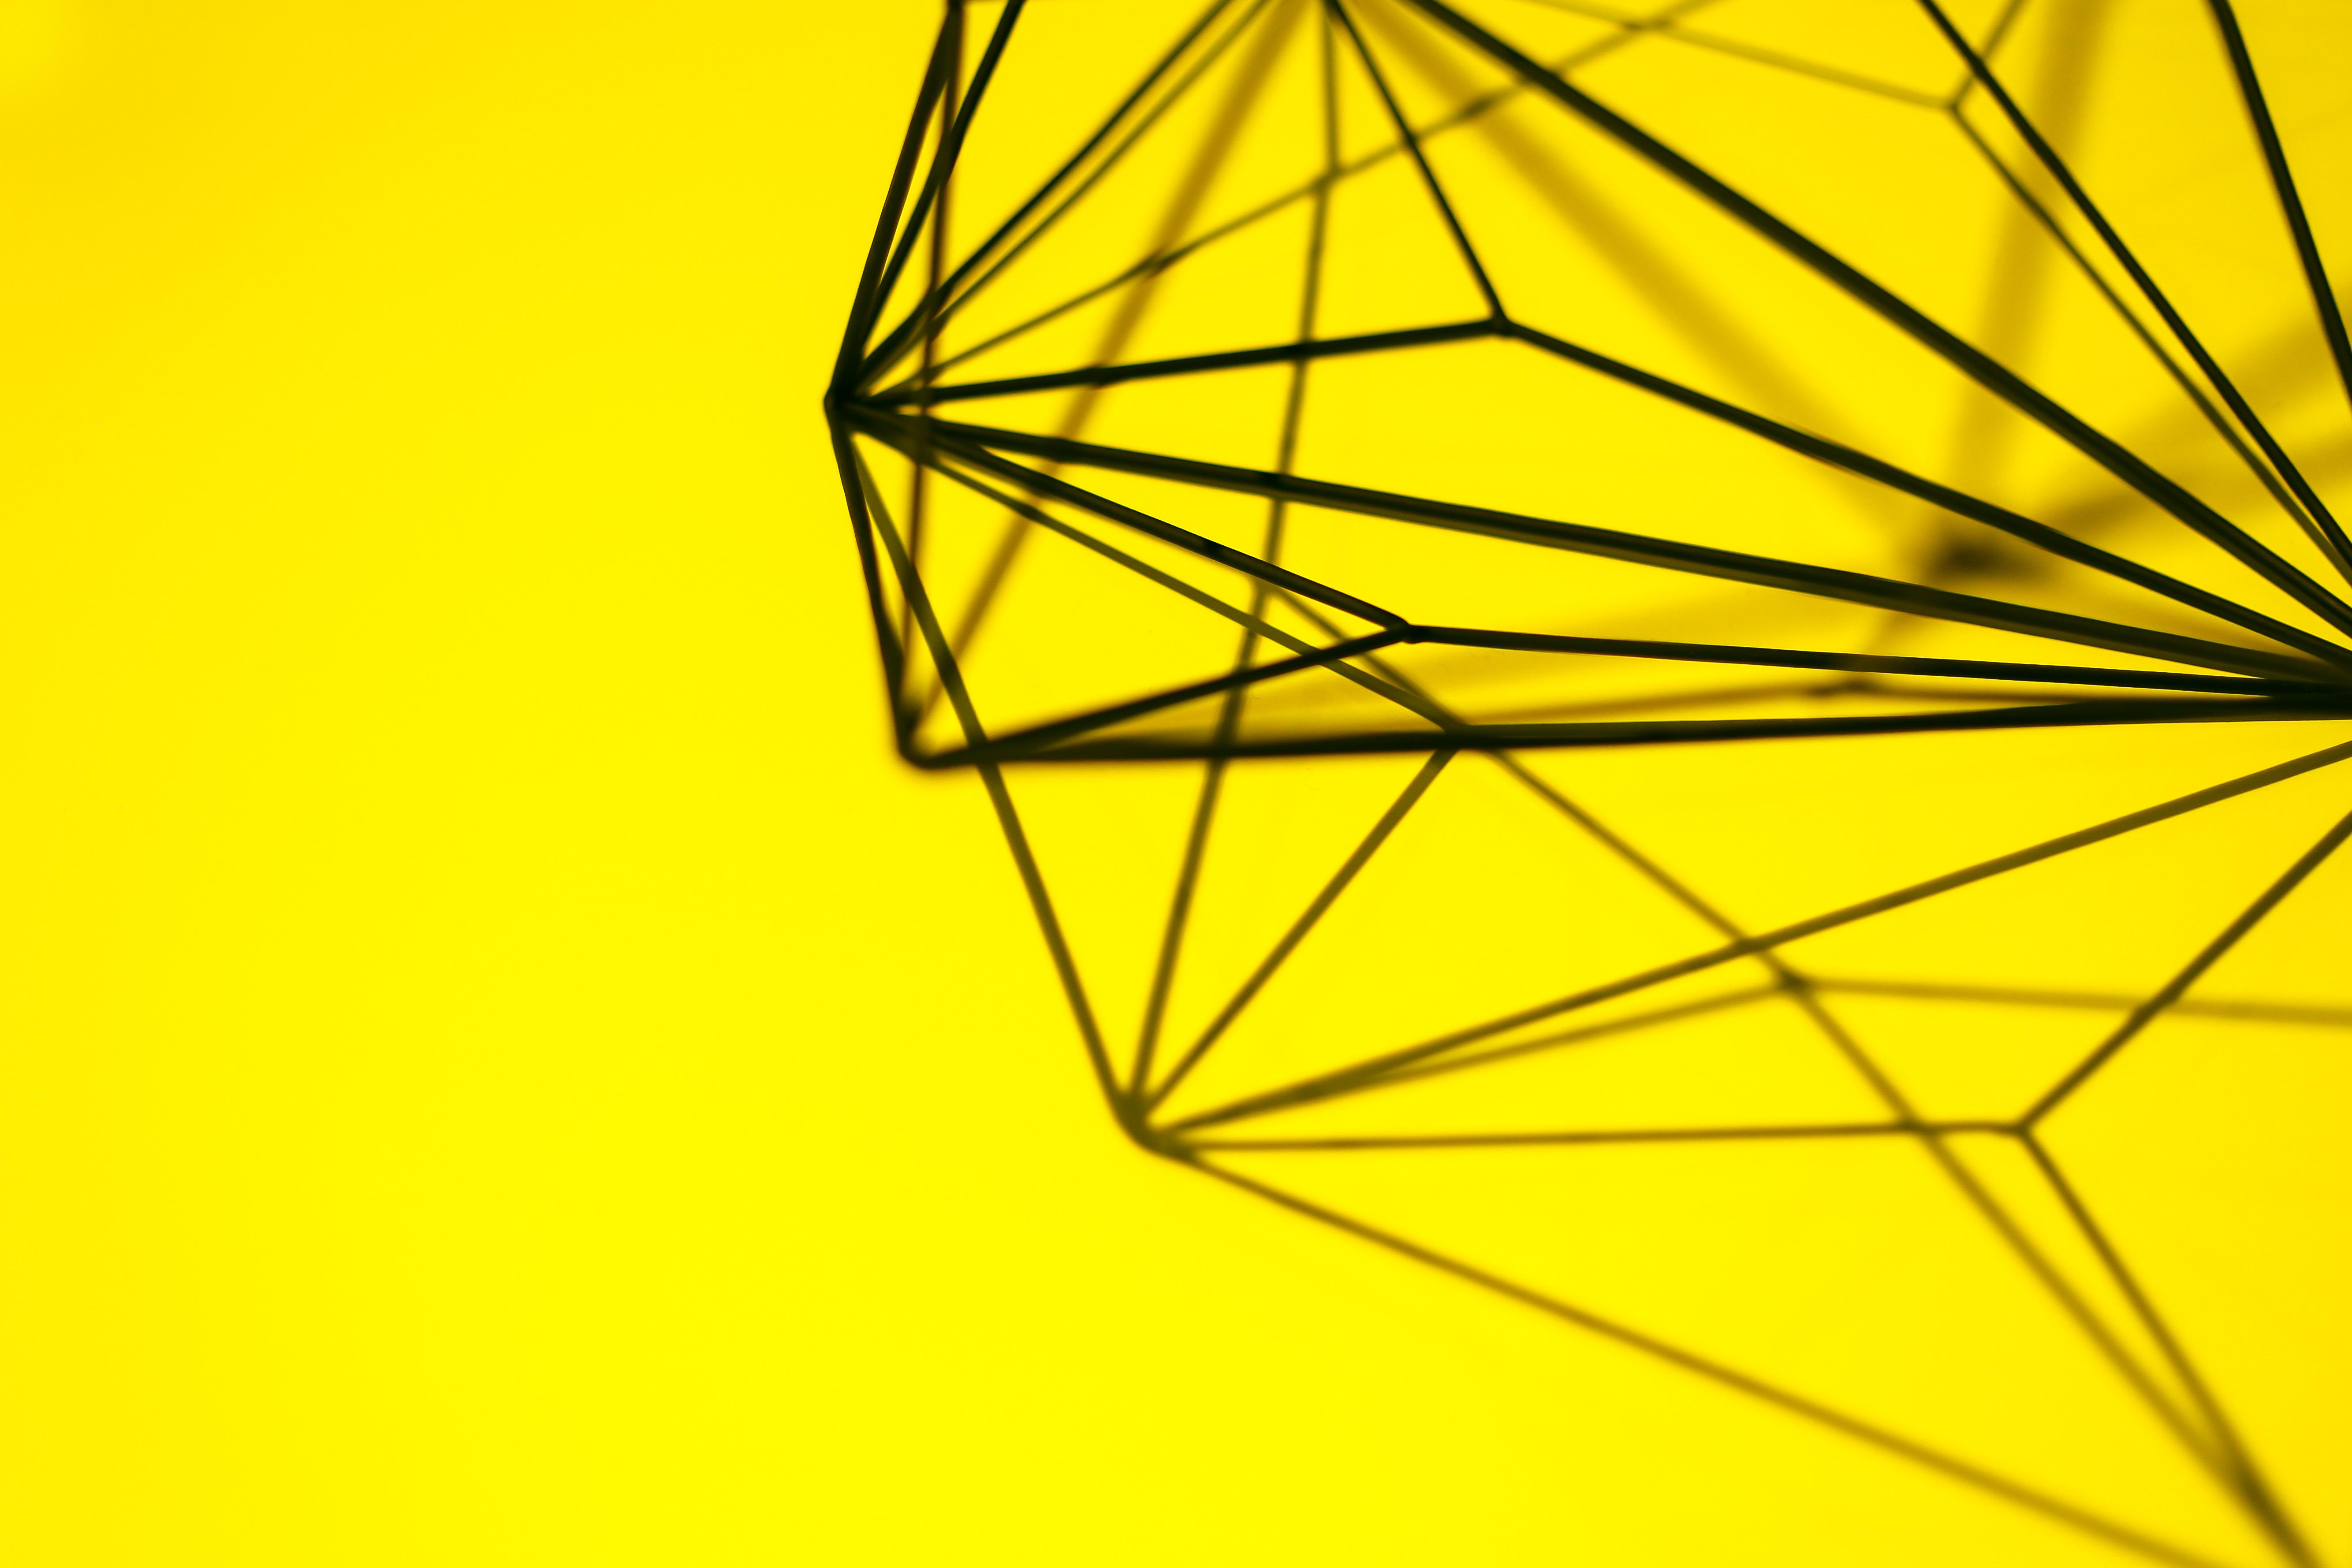 Connecting Art es una plataforma web para conectar artistas en todo el mundo de forma masiva. Queremos ser la plataforma líder en el mundo del arte....